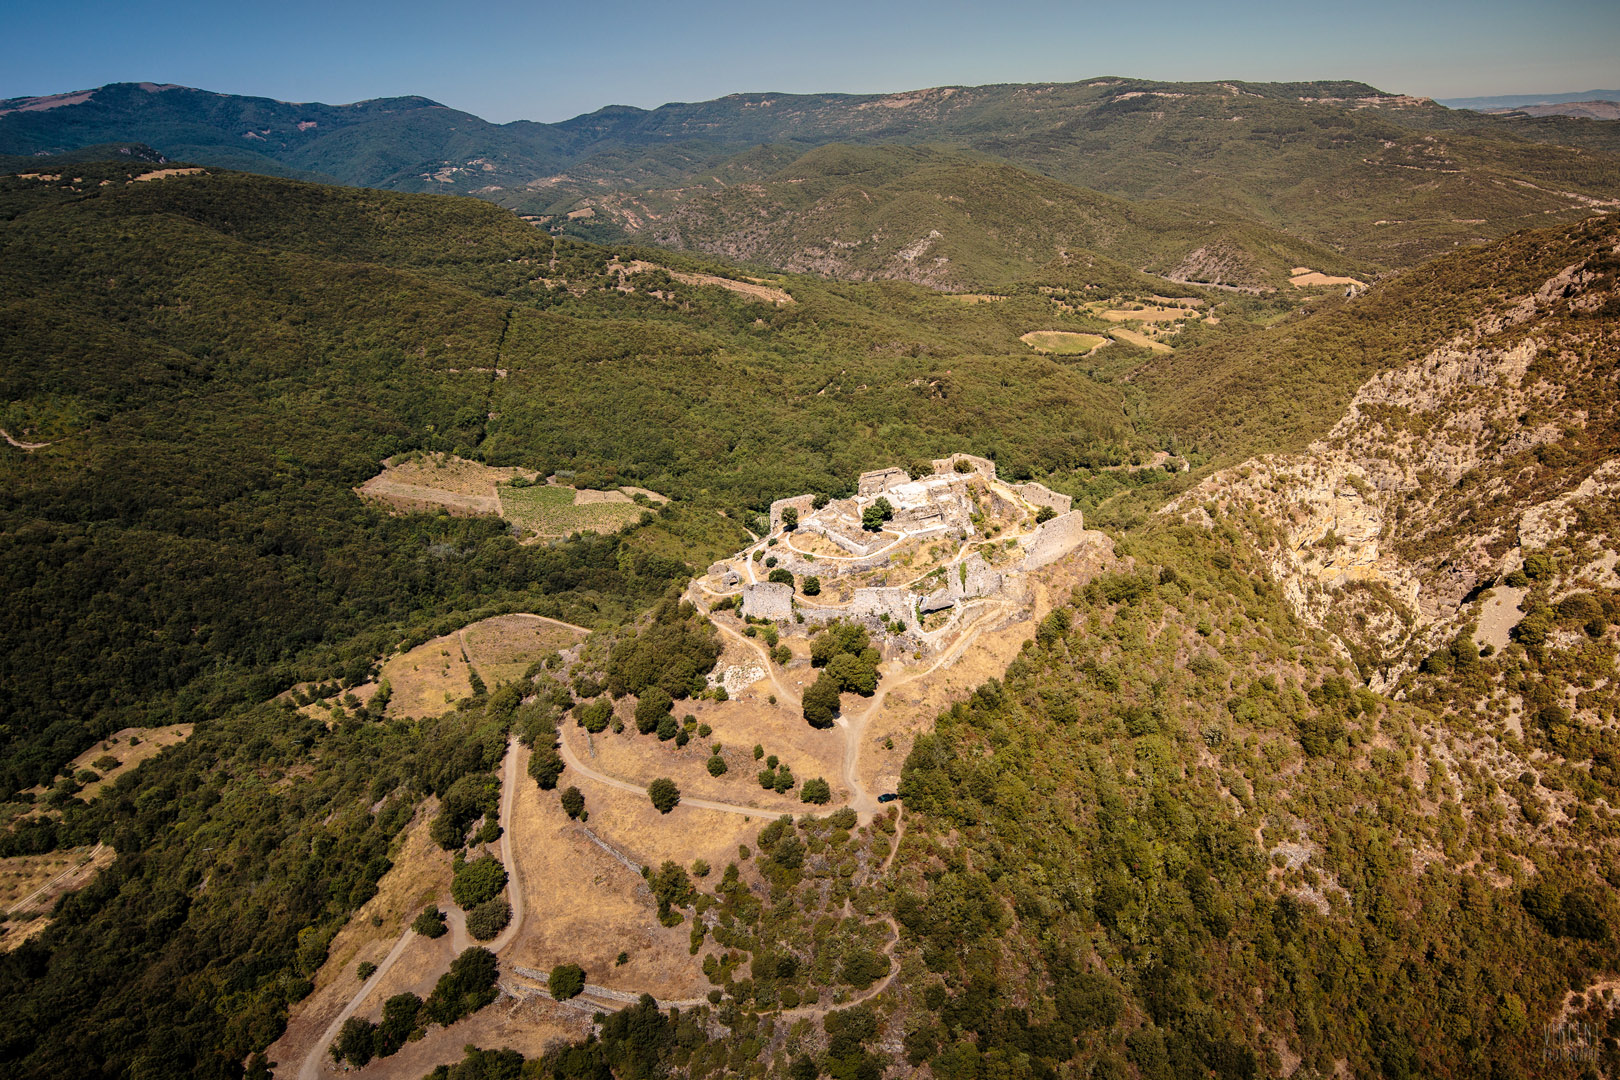 Culminant à 460 m d'altitude à l'est du joli village de Termes, le promontoire est bordé par deux gorges encaissées creusées par le Sou: les gorges du Termenet et les gorges de Coyne-Pont